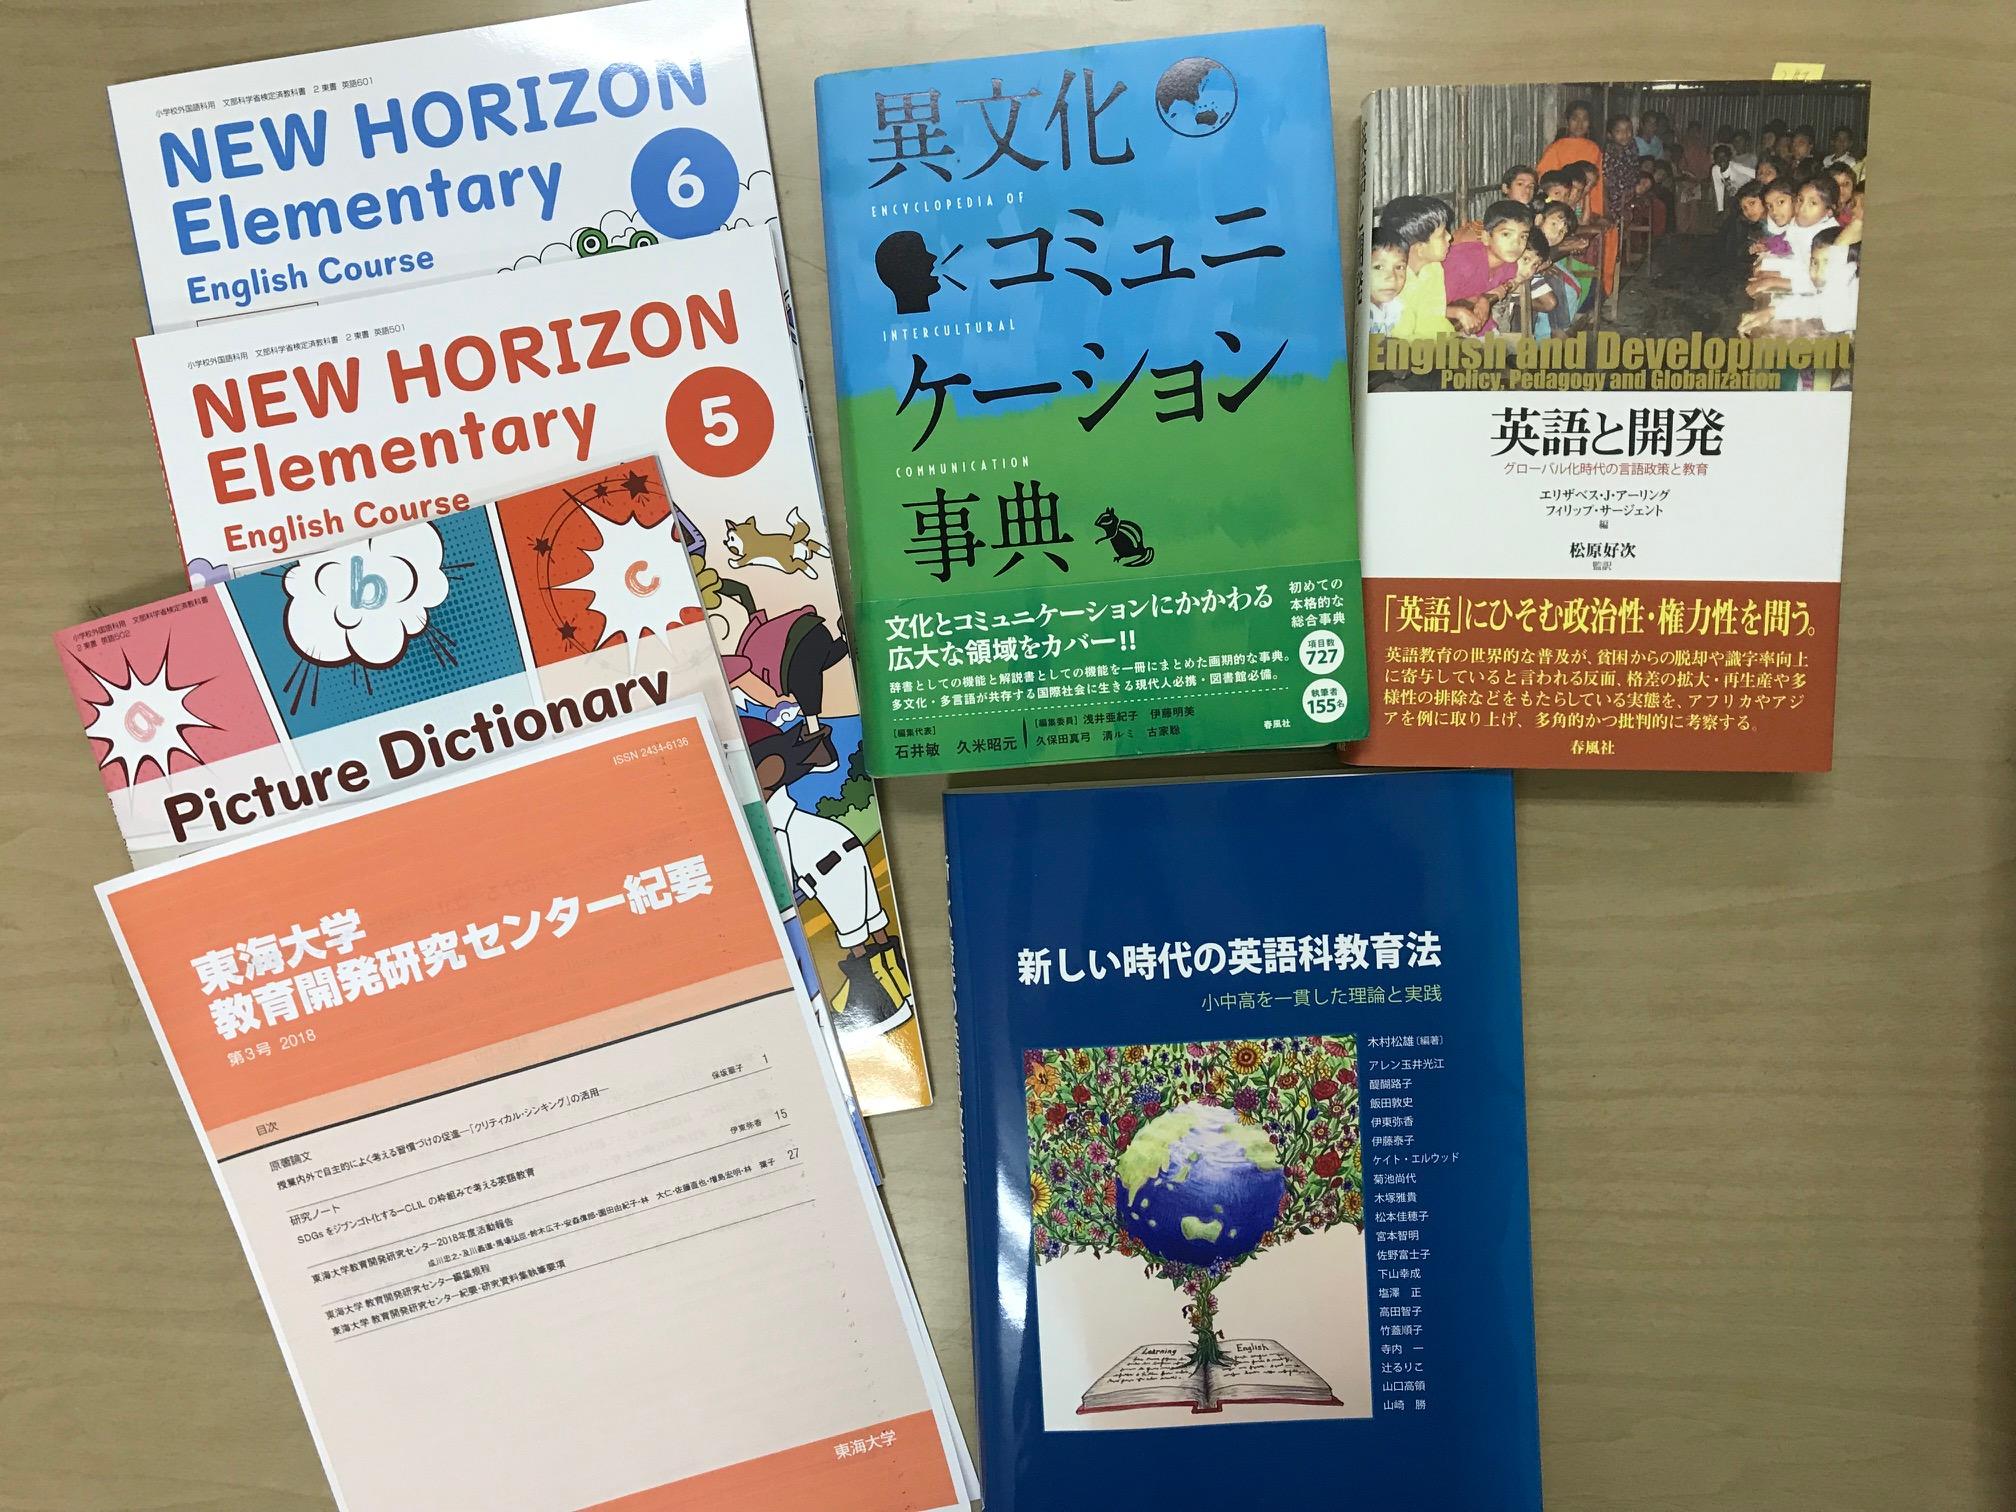 一貫性英語教育を通して世界をジブンゴト化する